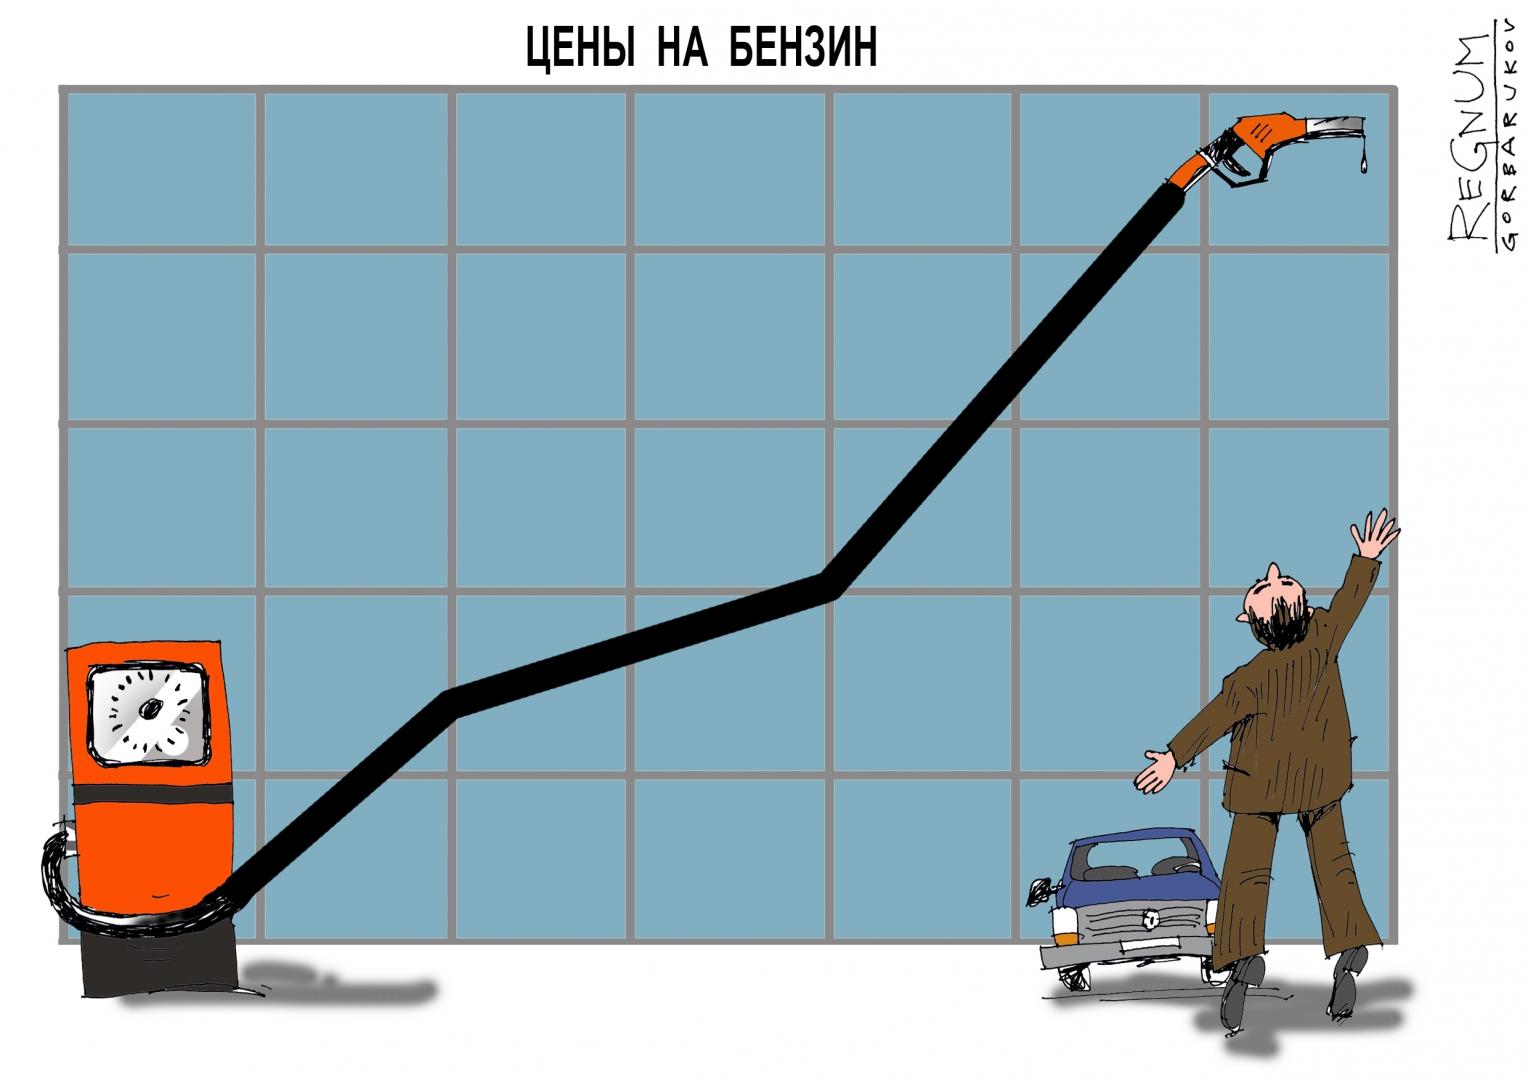 Цены на бензин взлетели в поднебесье